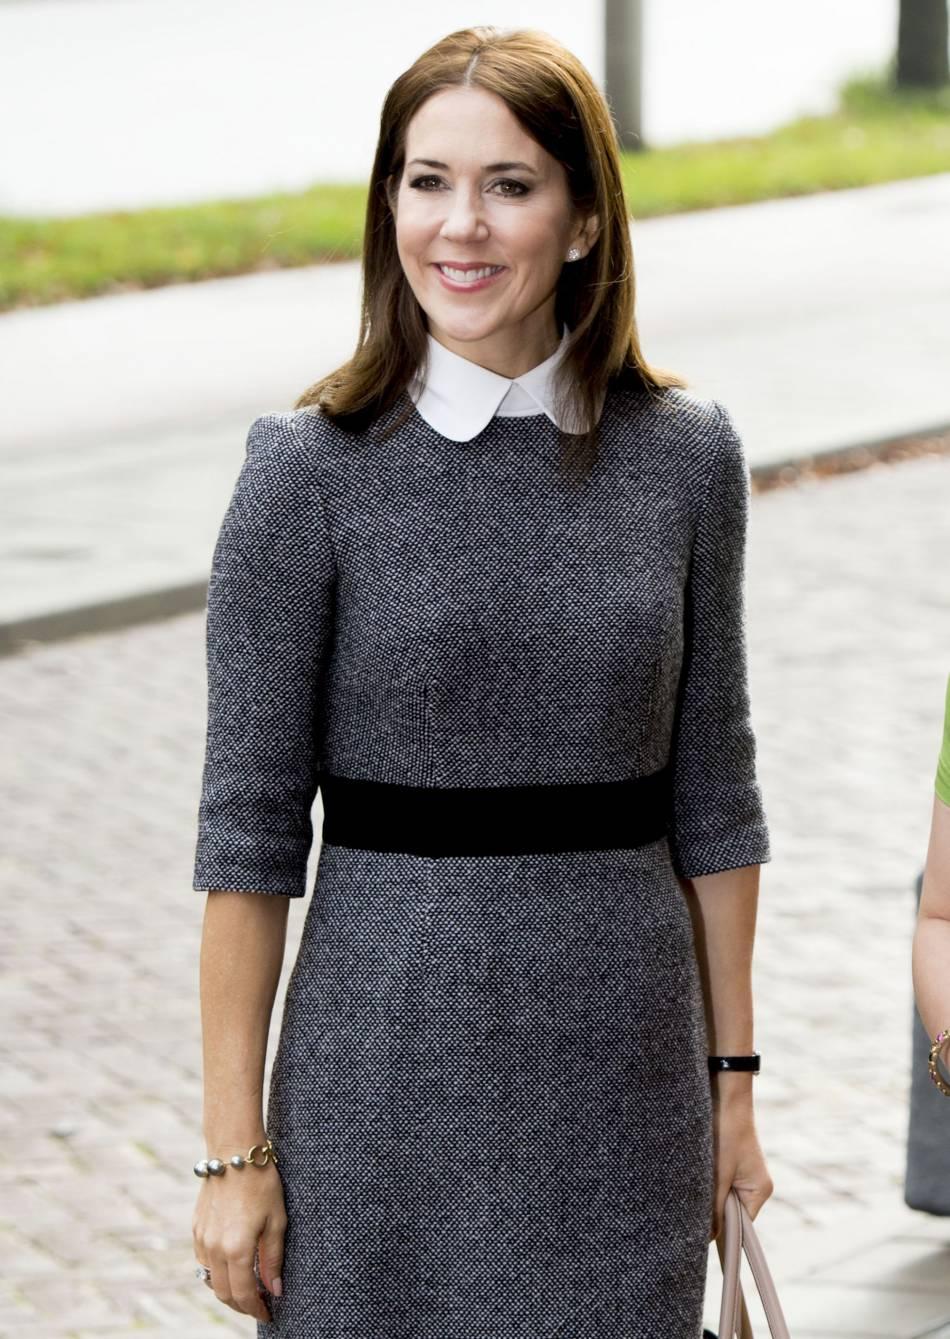 Mary du Danemark est troisième avec 11 % des votes.